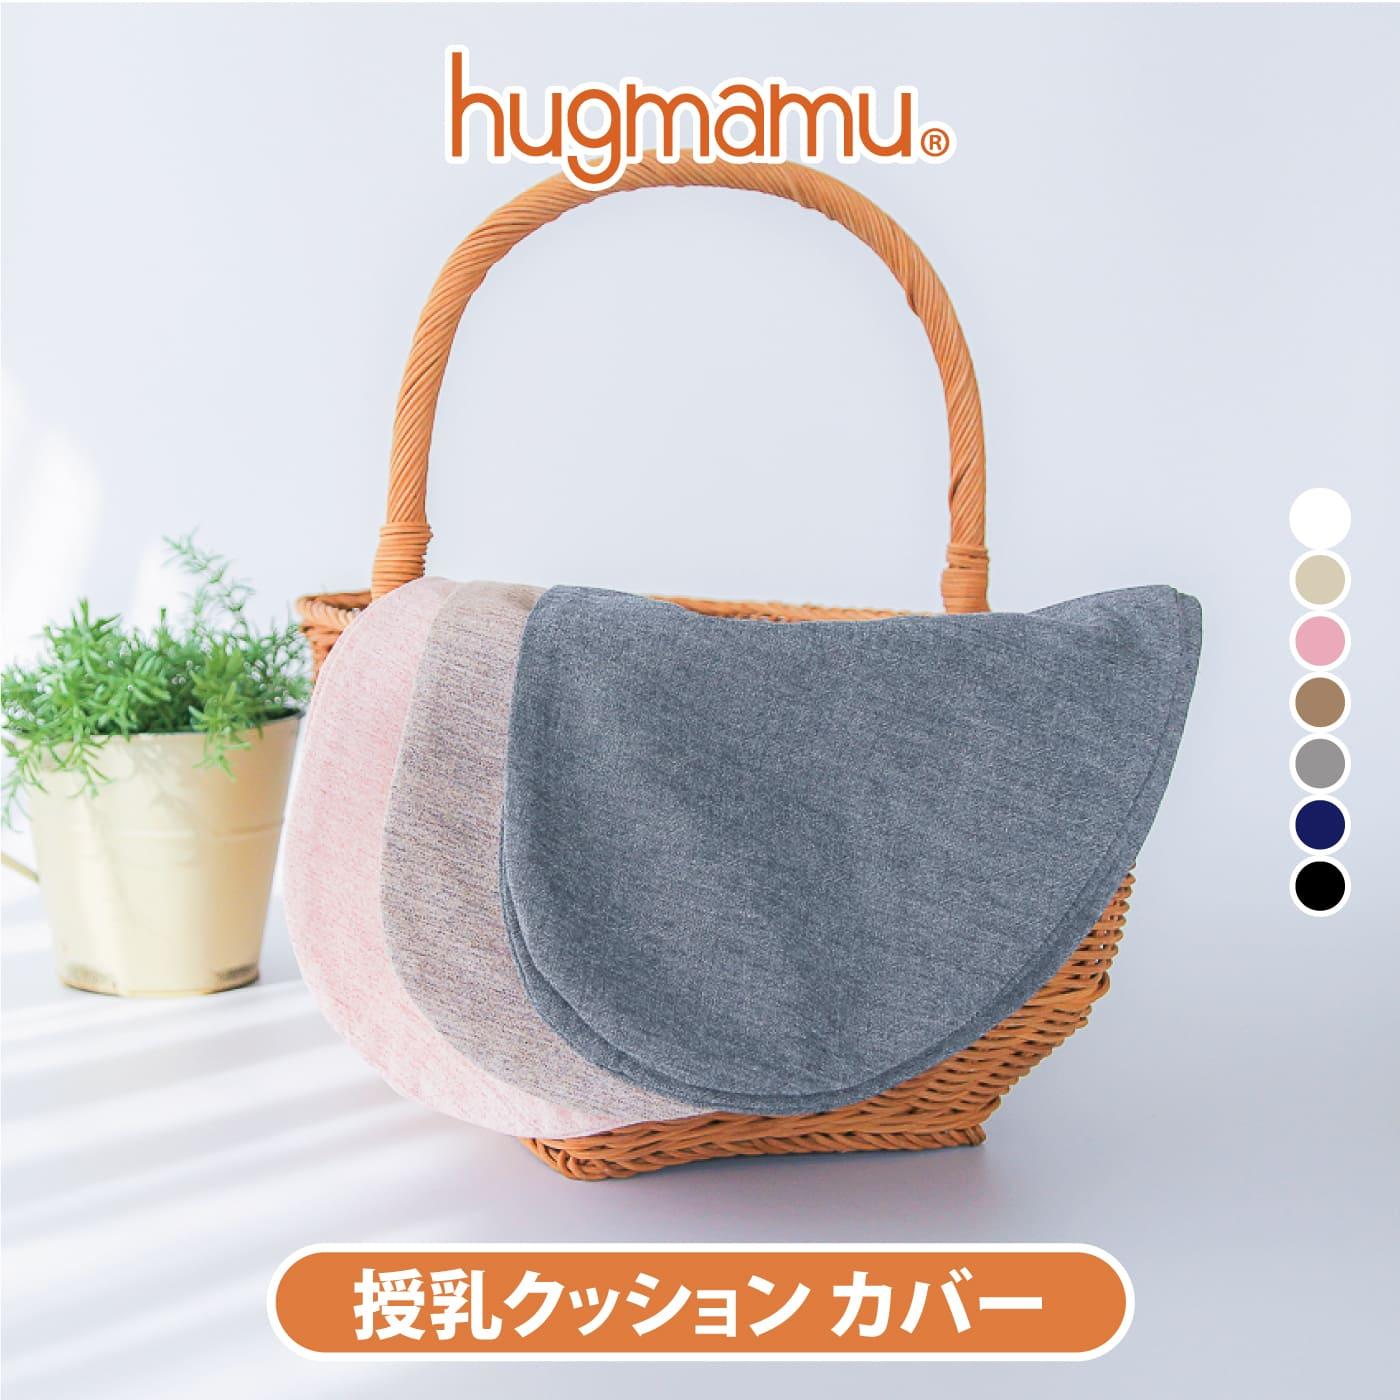 【セール -11%!】 6/21まで はぐまむ 授乳クッション 替えカバー 日本製